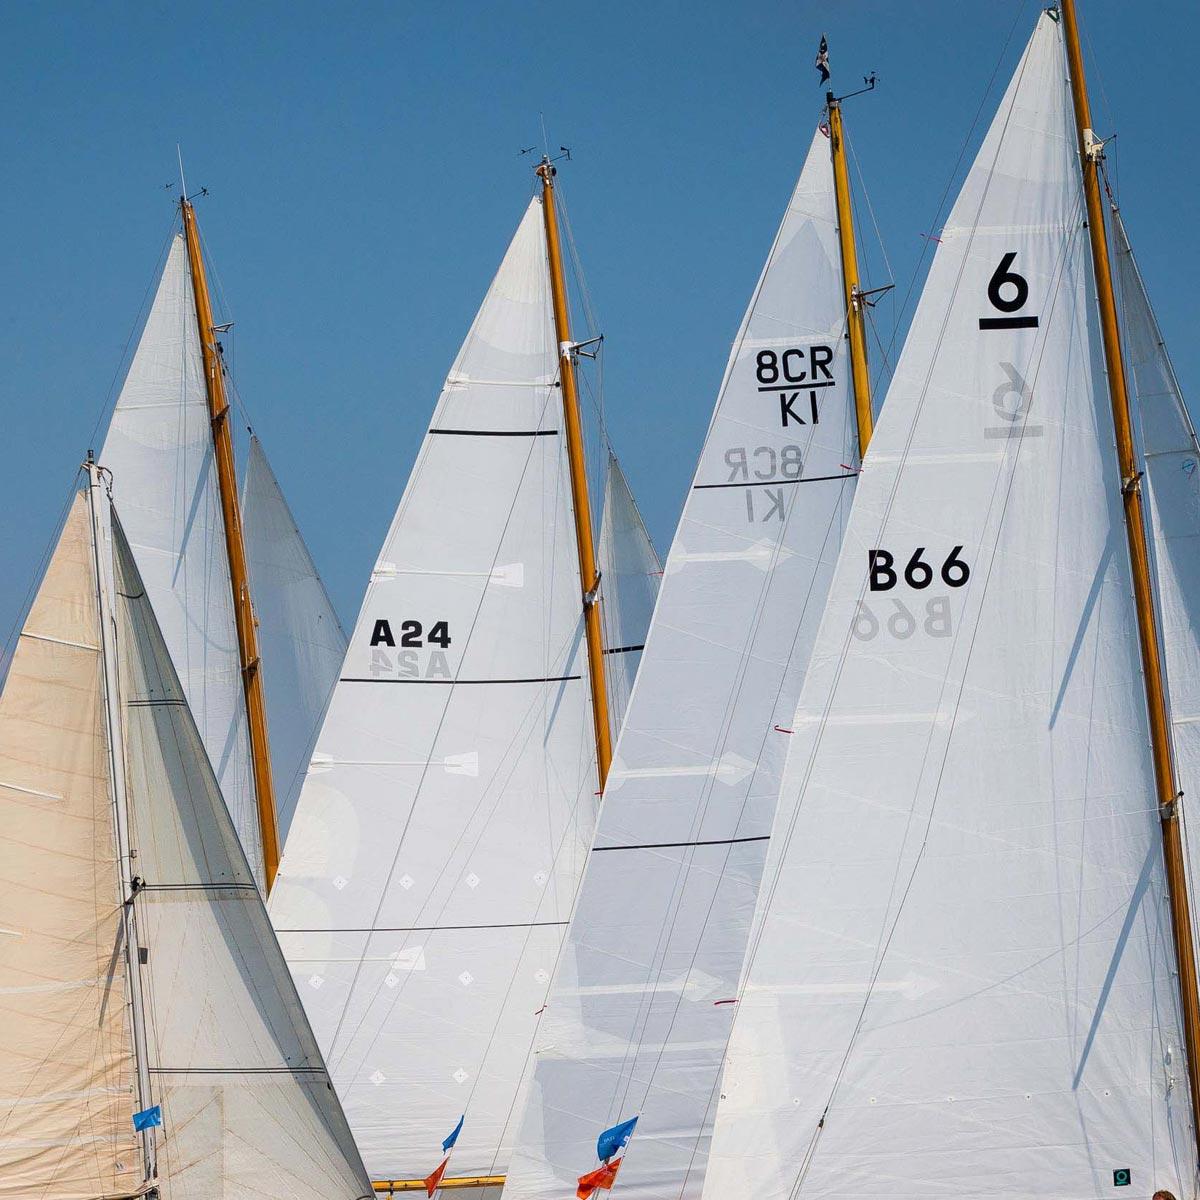 La Cote des Montres : Photo - Les Voiles d'Antibes : 14e édition du Panerai Classic Yachts Challenge